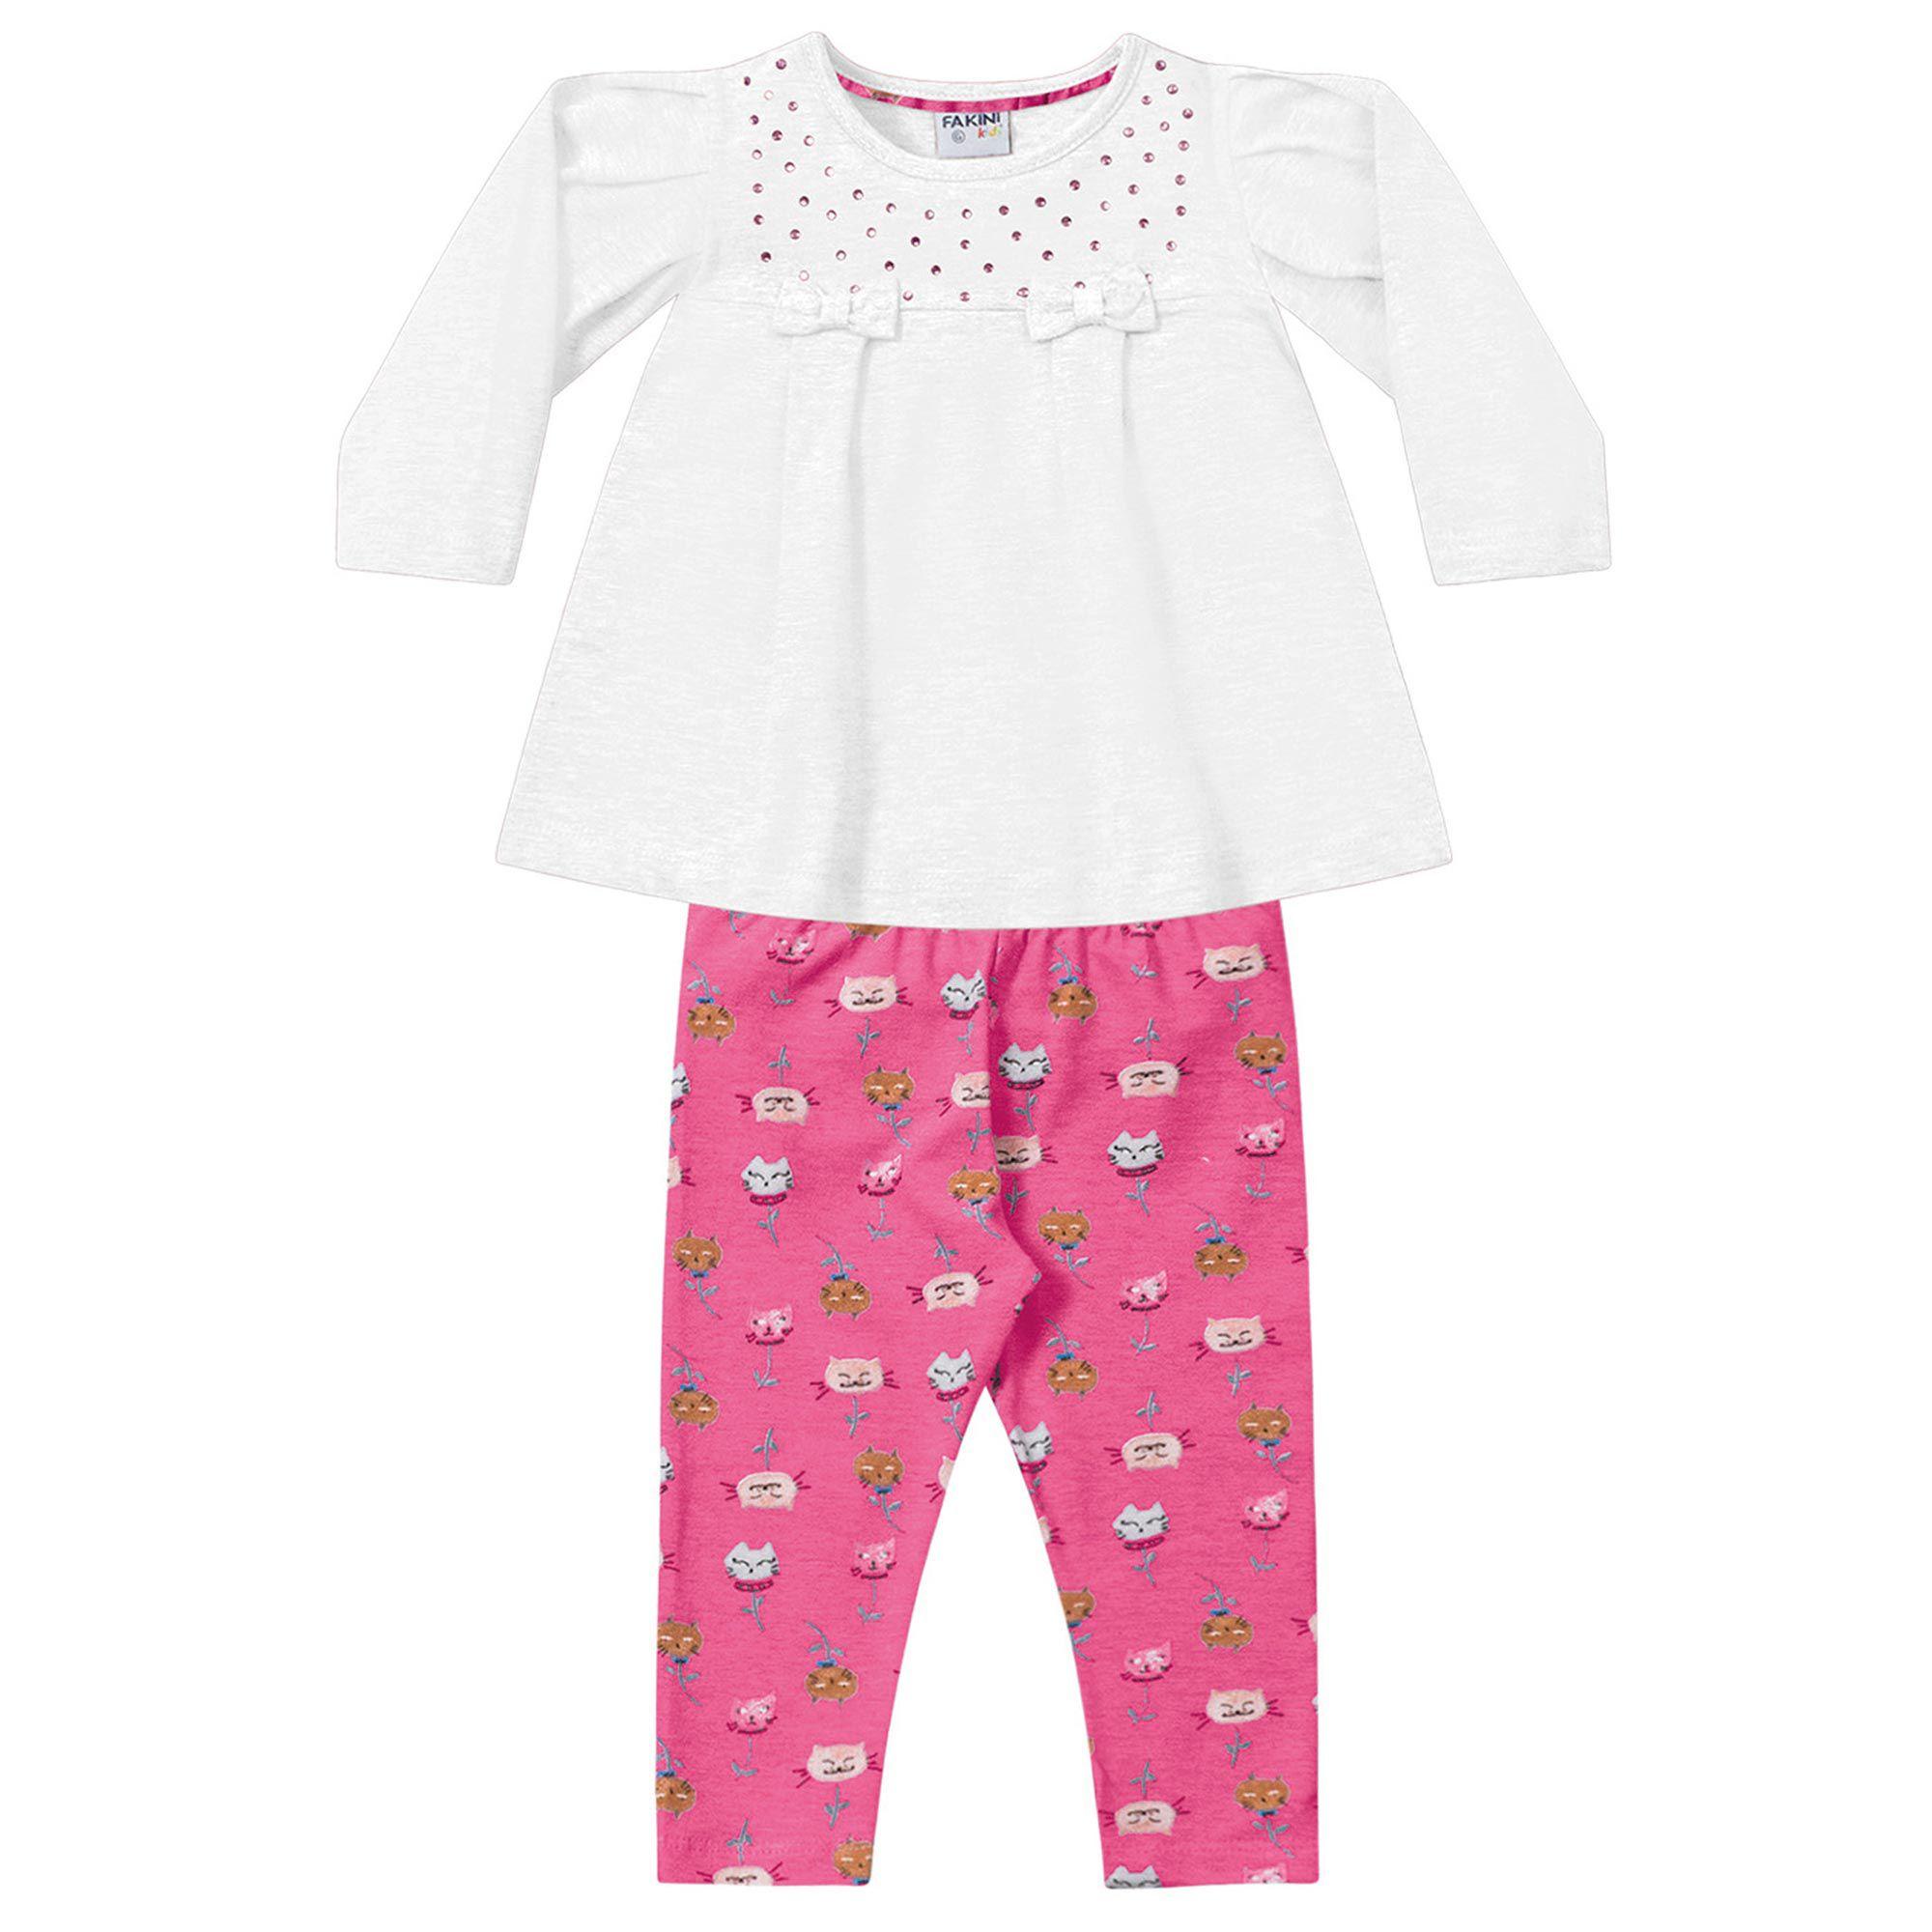 Conjunto Infantil Fakini - Branco/Rosa